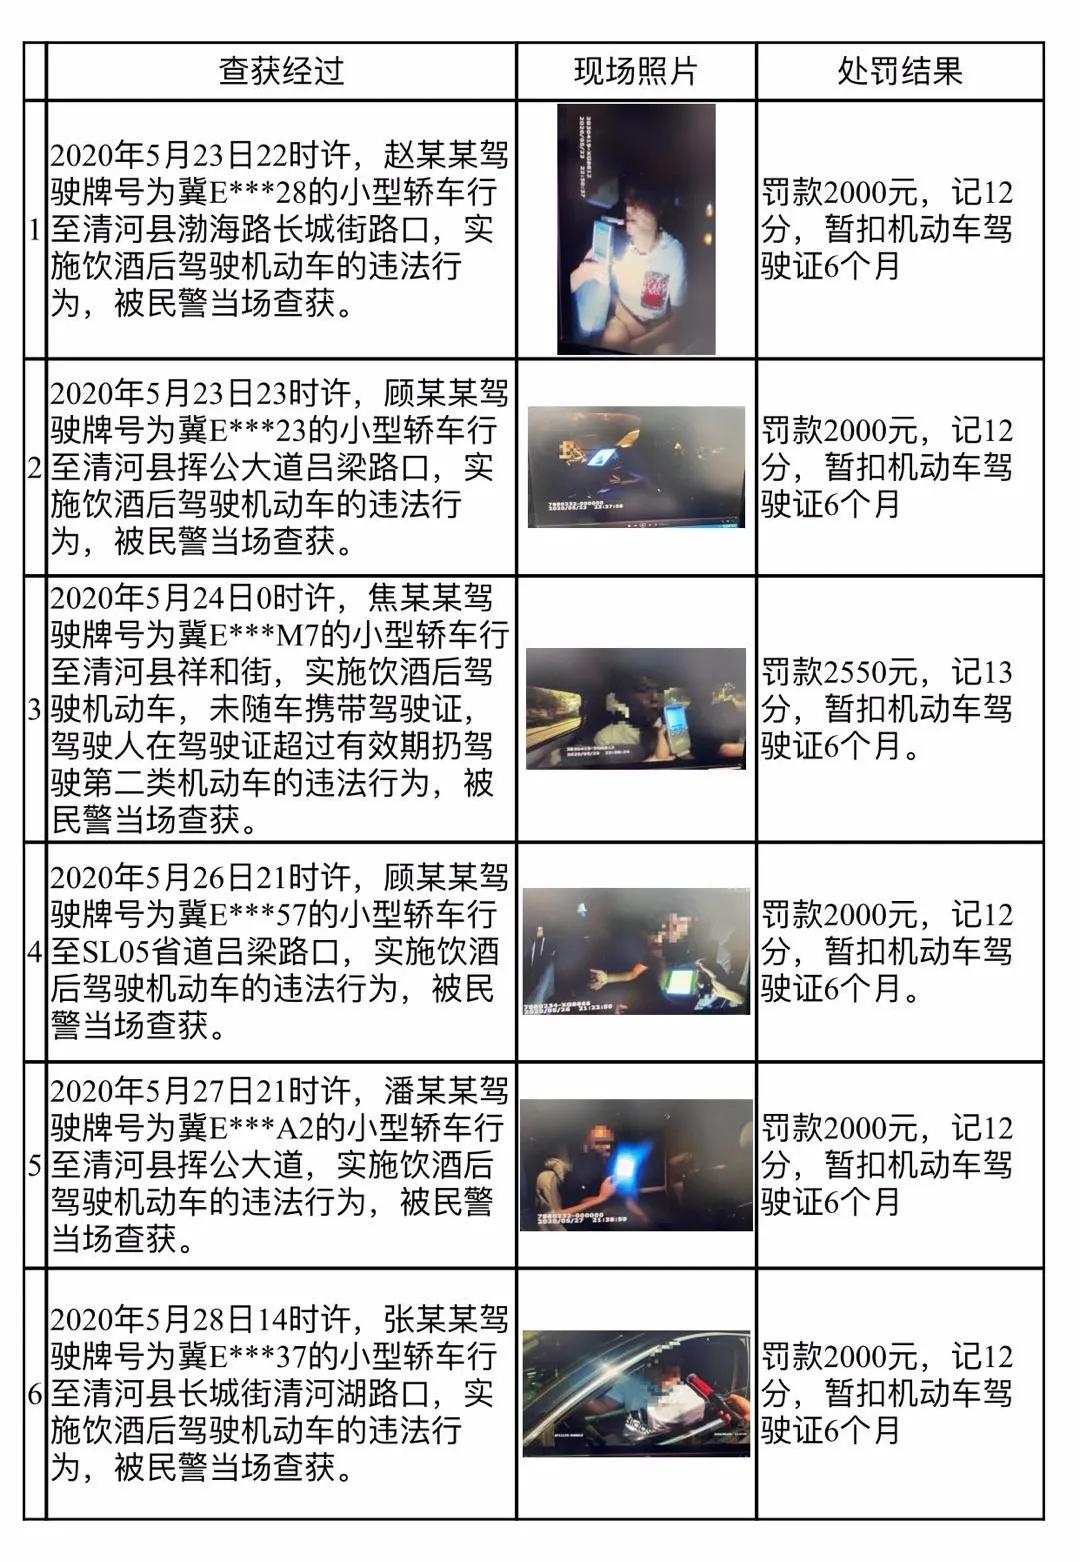 昨日,清河第七批酒驾者被曝光,看看又有谁上榜了!